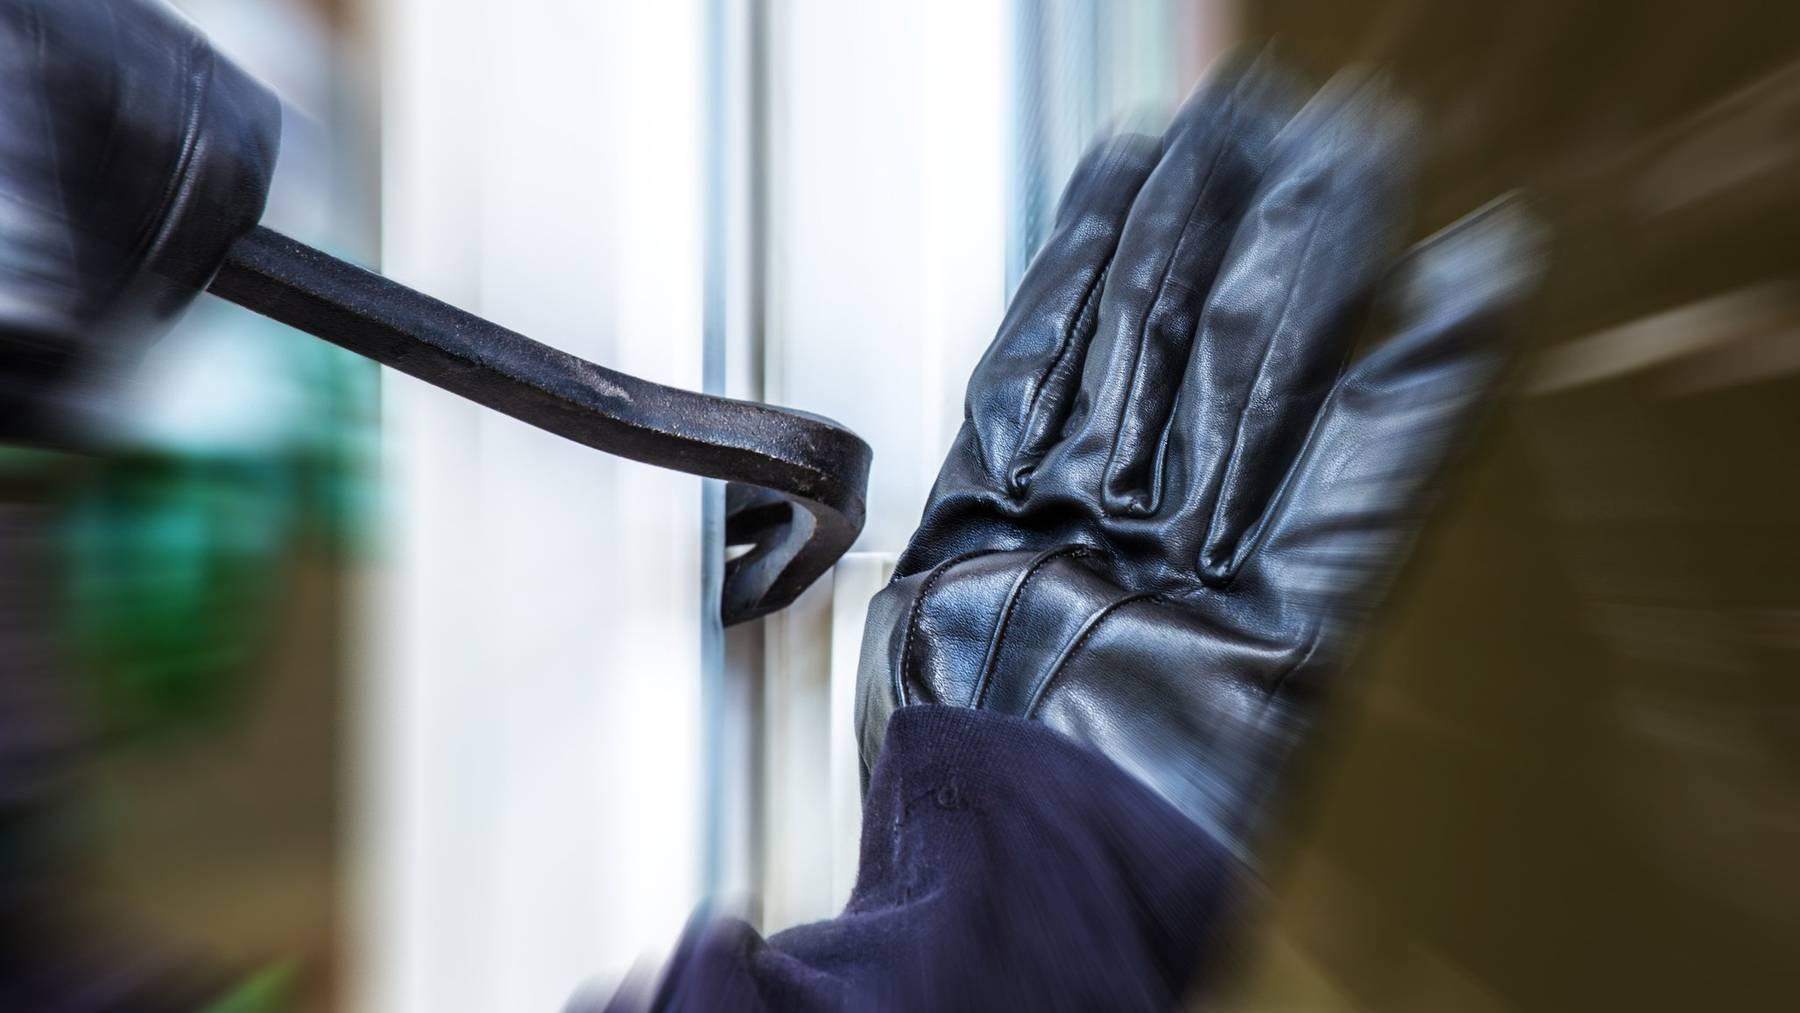 Die Einbrecher stiegen über ein Fenster und eine Türe in die Baumagazine ein. (Symbolbild)